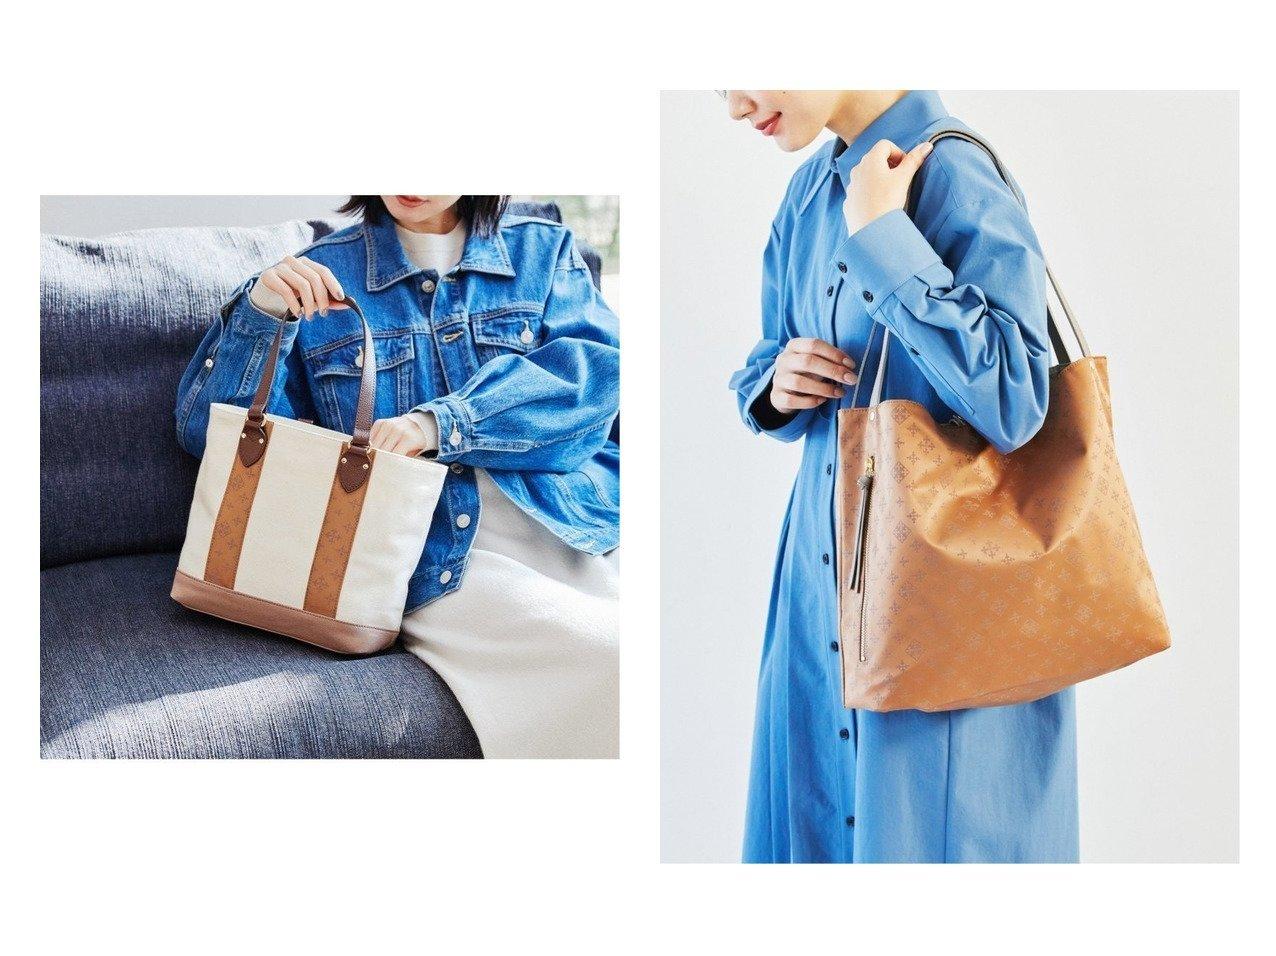 【russet/ラシット】のトートバッグ S【THE GARDEN】(CE-919)&リバーシブルトートバッグ(CE-813) おすすめ!人気、トレンド・レディースファッションの通販 おすすめで人気の流行・トレンド、ファッションの通販商品 インテリア・家具・メンズファッション・キッズファッション・レディースファッション・服の通販 founy(ファニー) https://founy.com/ ファッション Fashion レディースファッション WOMEN バッグ Bag 春 Spring キャンバス スマート 人気 バランス ポケット 2021年 2021 S/S・春夏 SS・Spring/Summer 2021春夏・S/S SS/Spring/Summer/2021 日本製 Made in Japan おすすめ Recommend シンプル パターン ベーシック リバーシブル 軽量 |ID:crp329100000042381